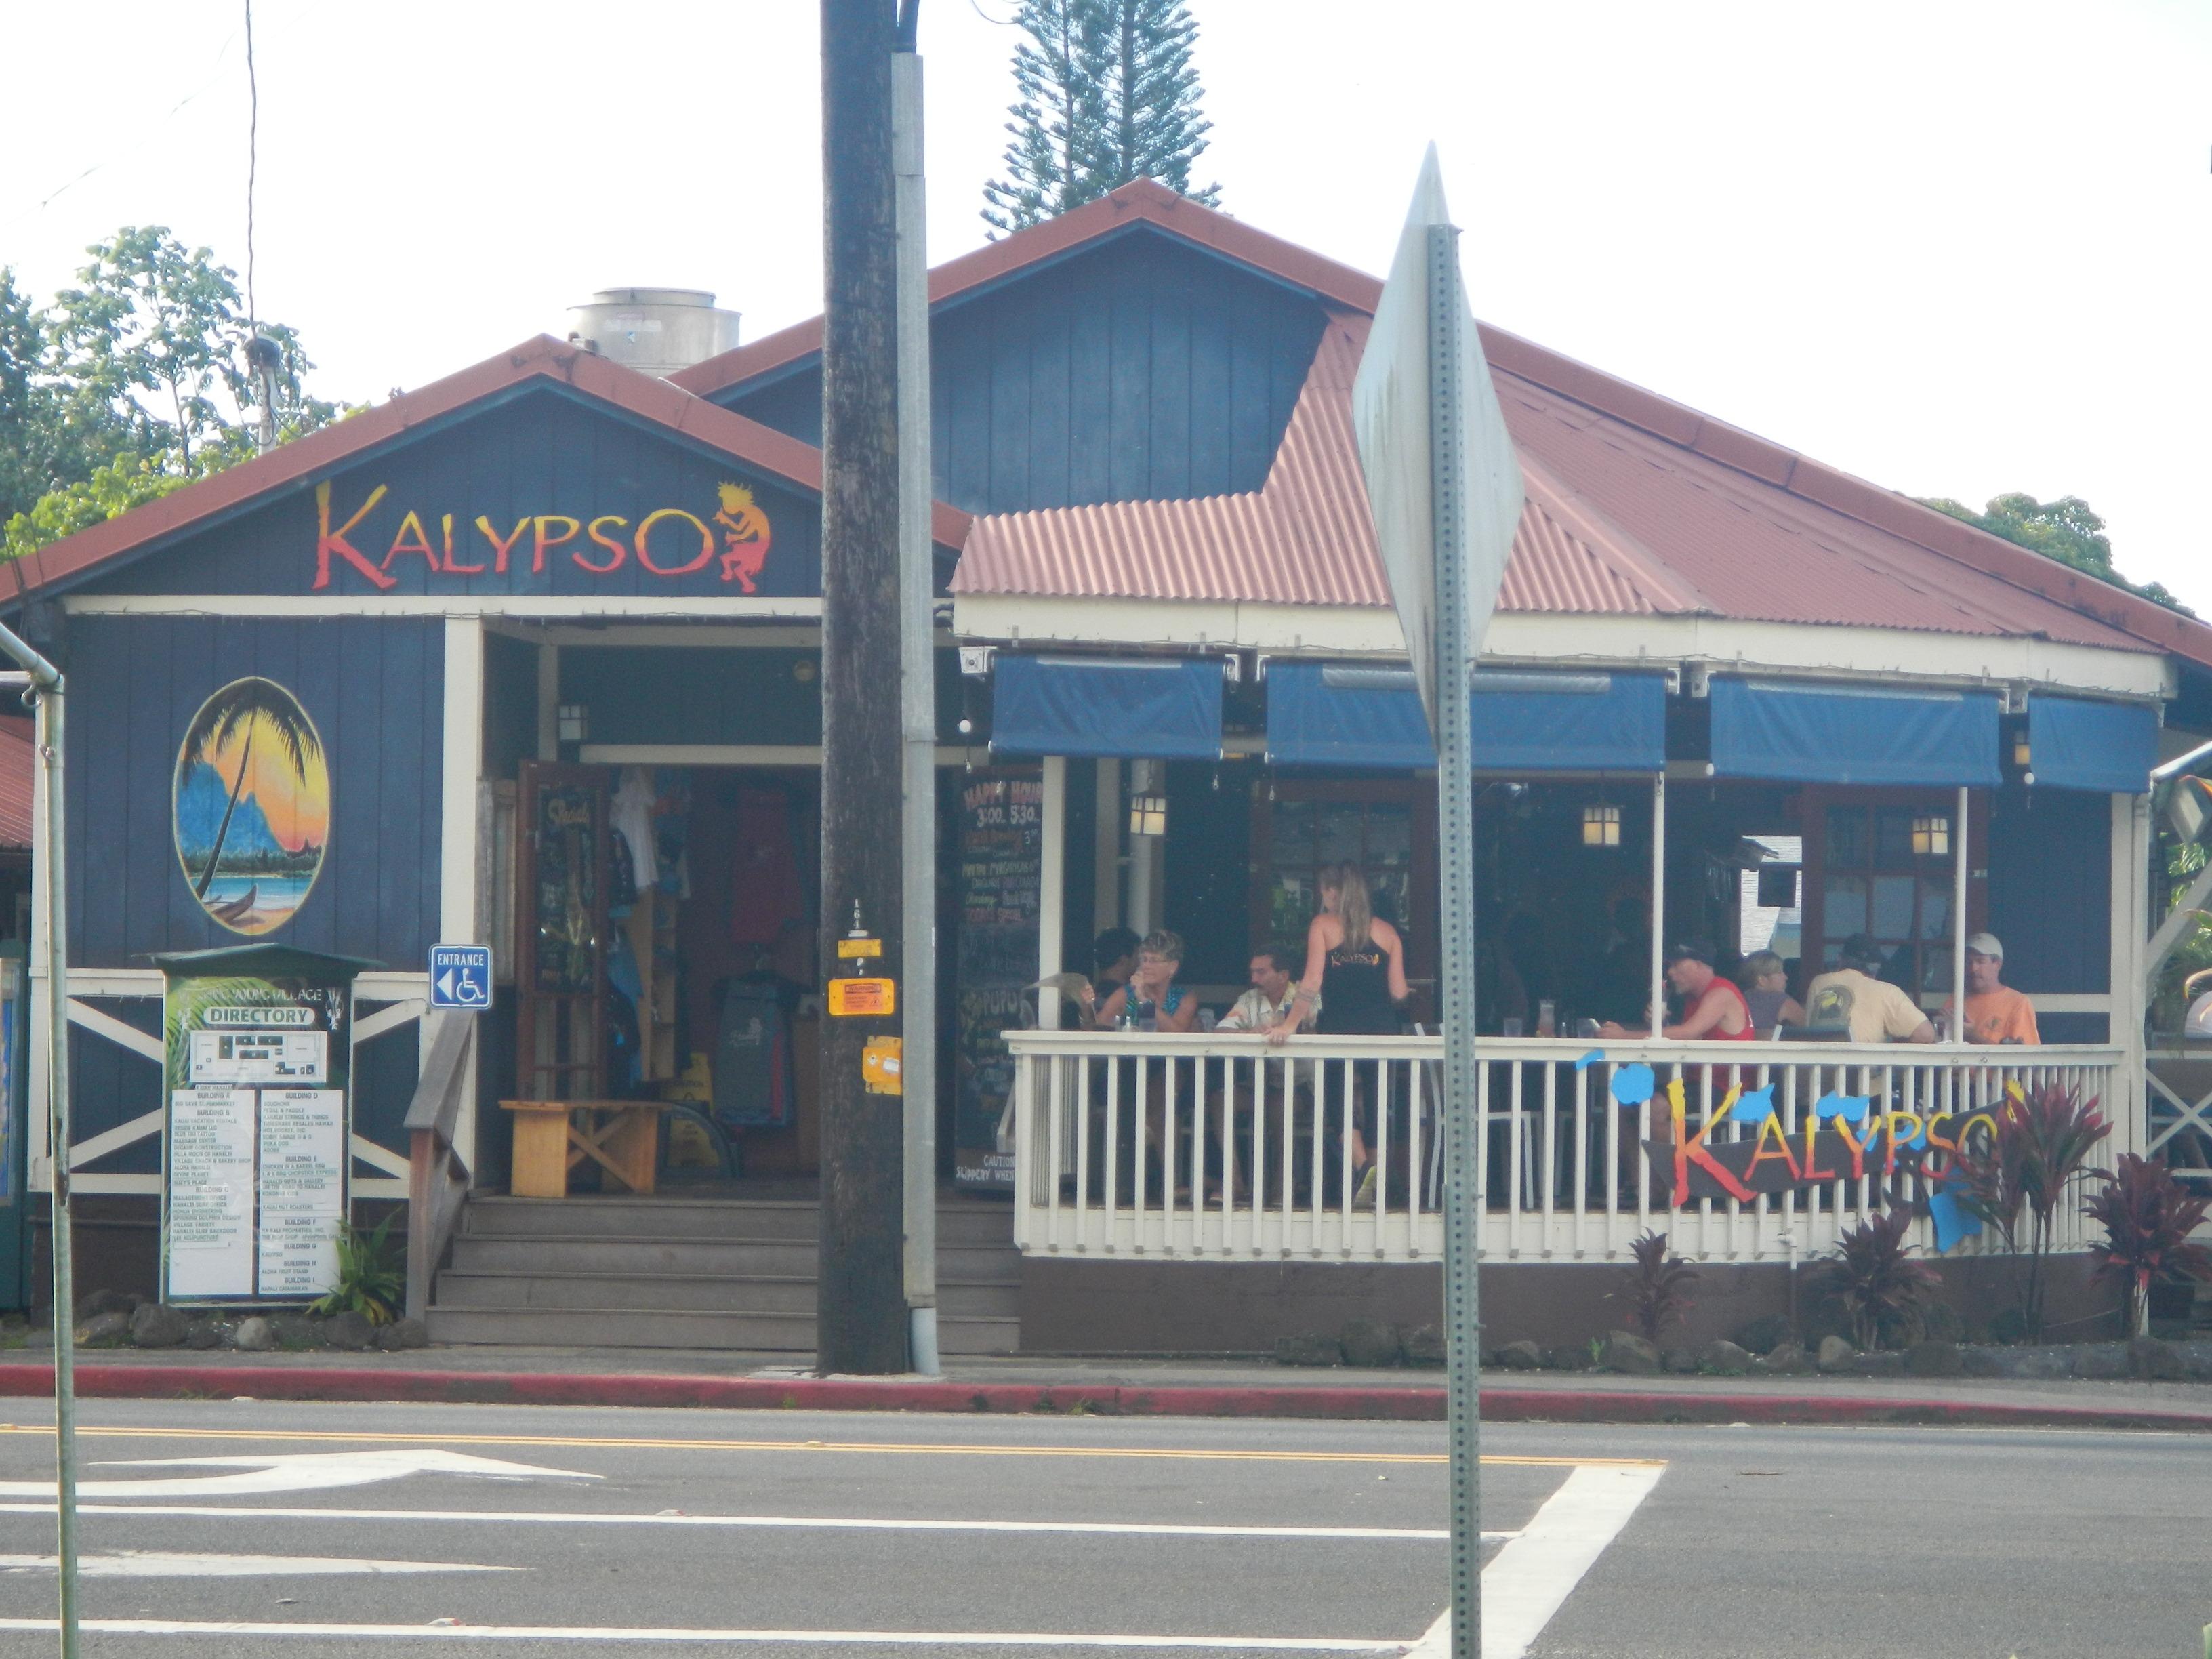 Kalypso in Hanelei